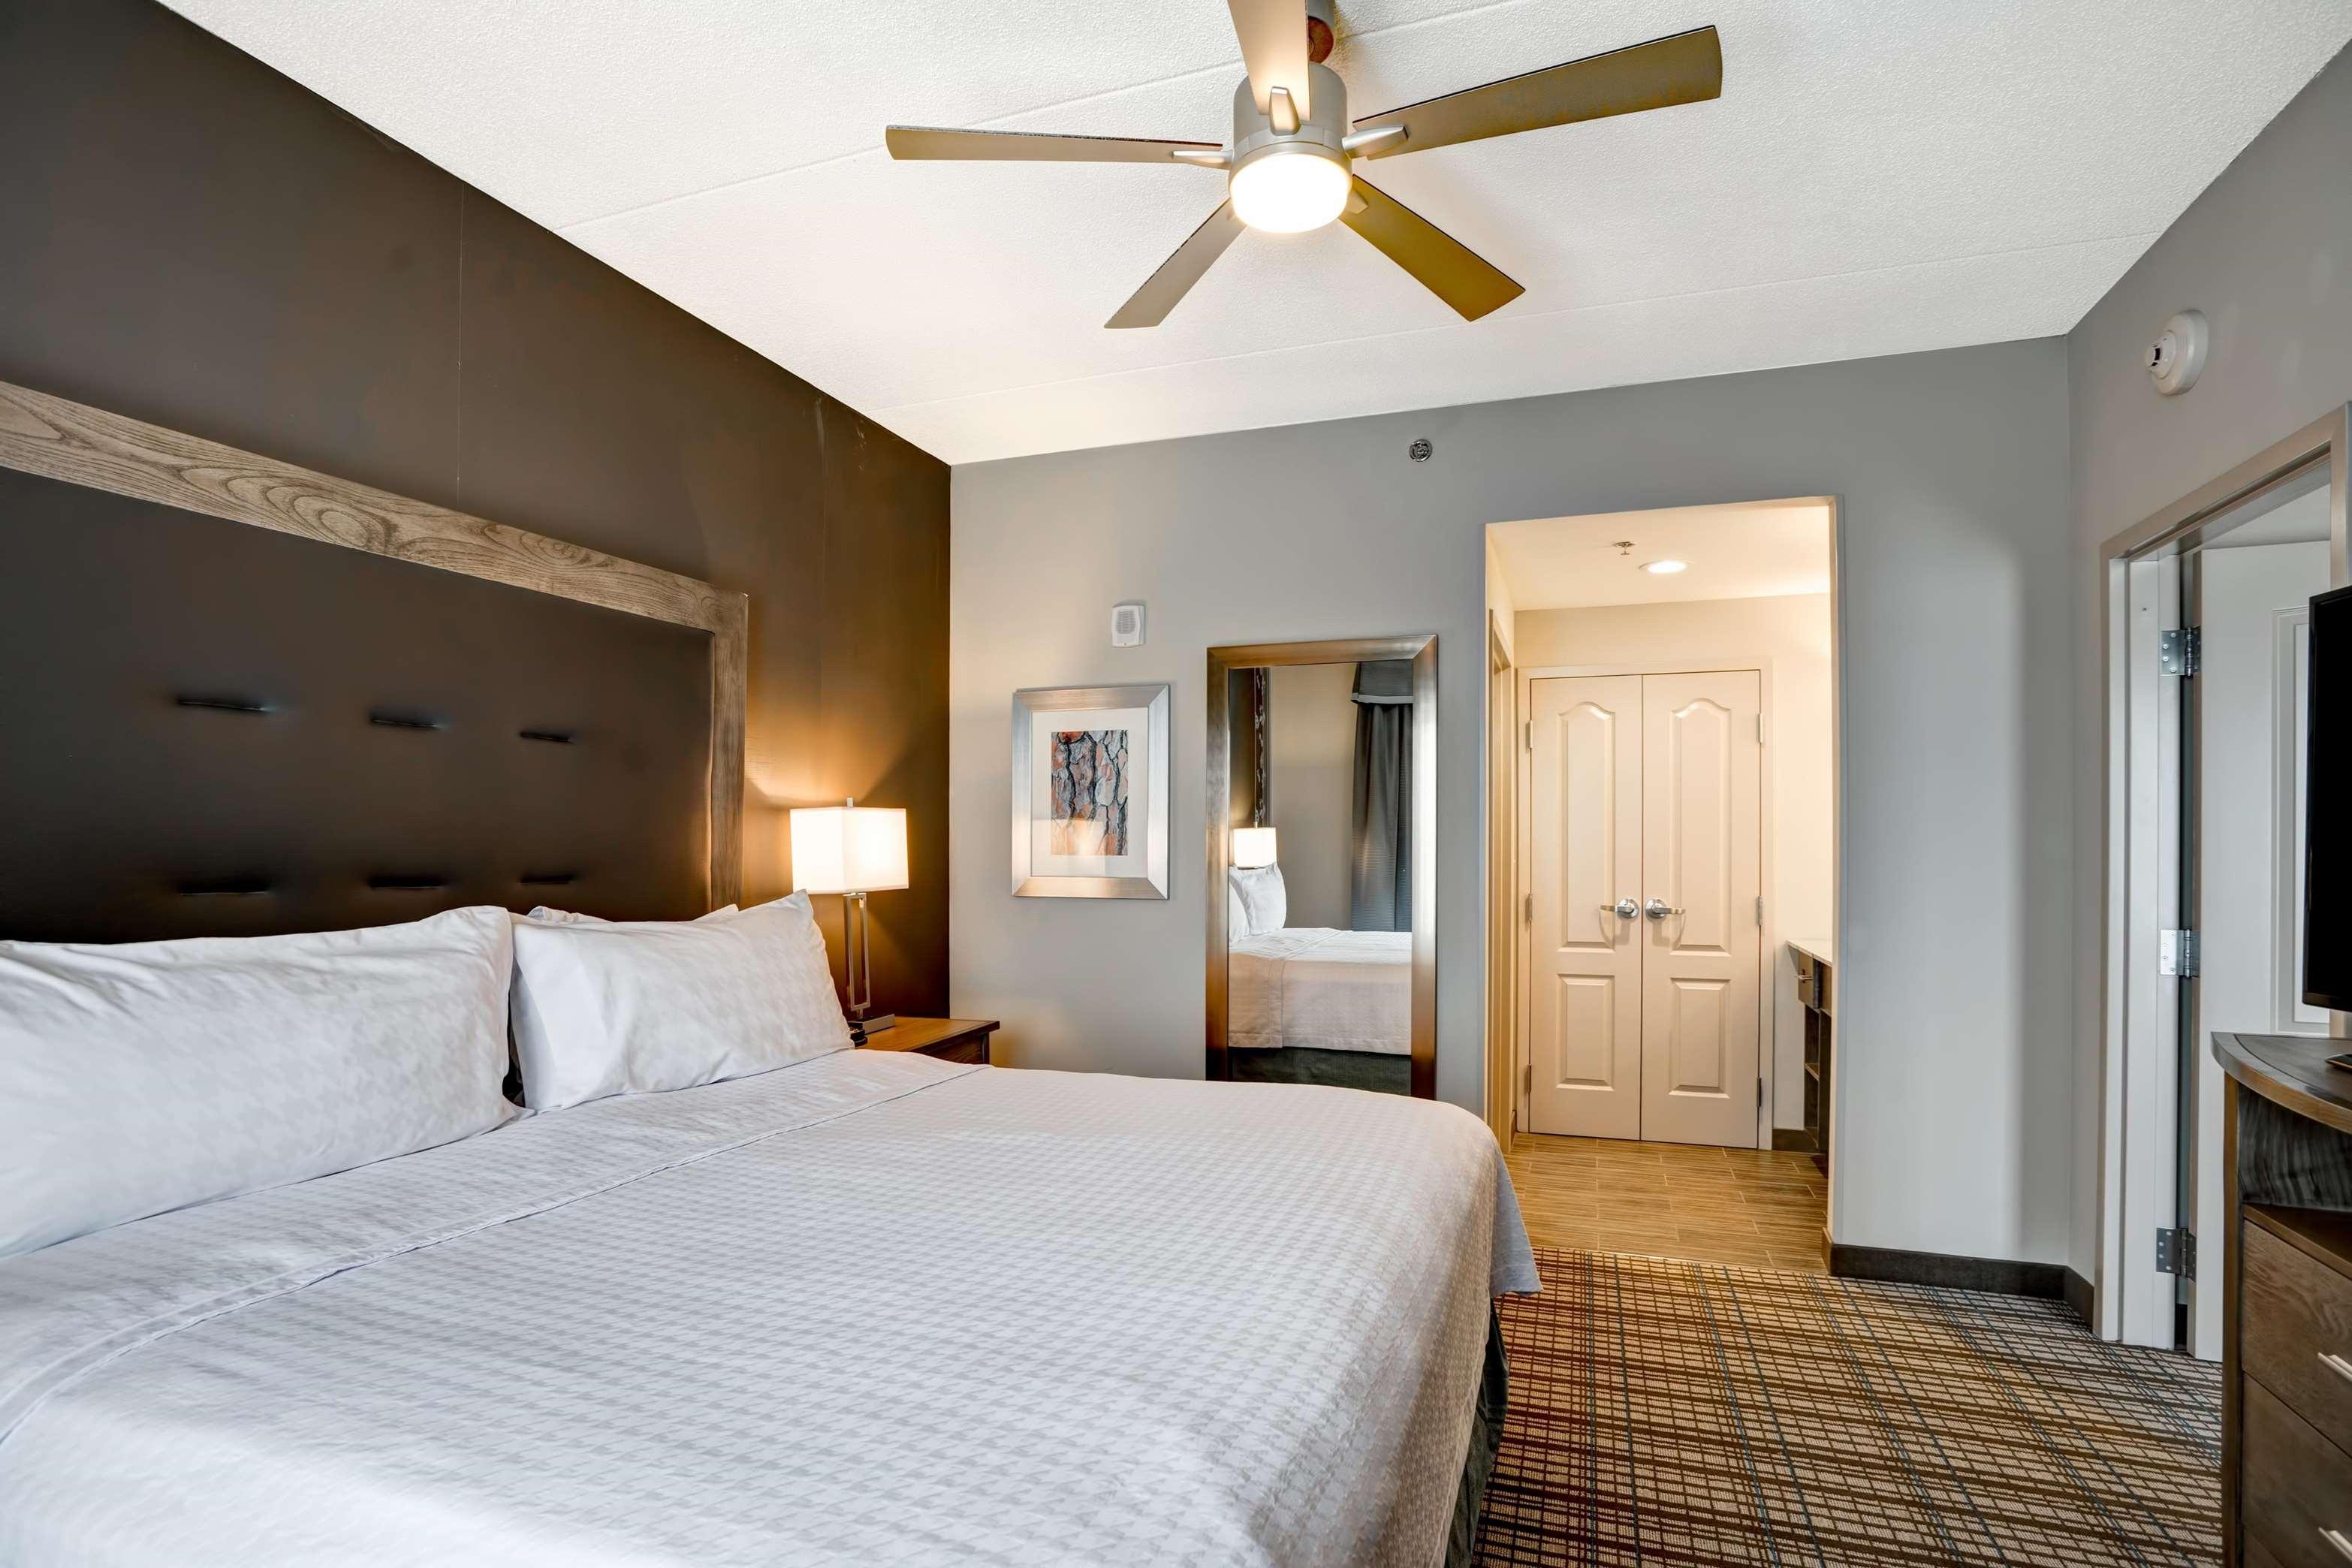 Homewood Suites by Hilton Nashville Franklin Cool Springs image 11